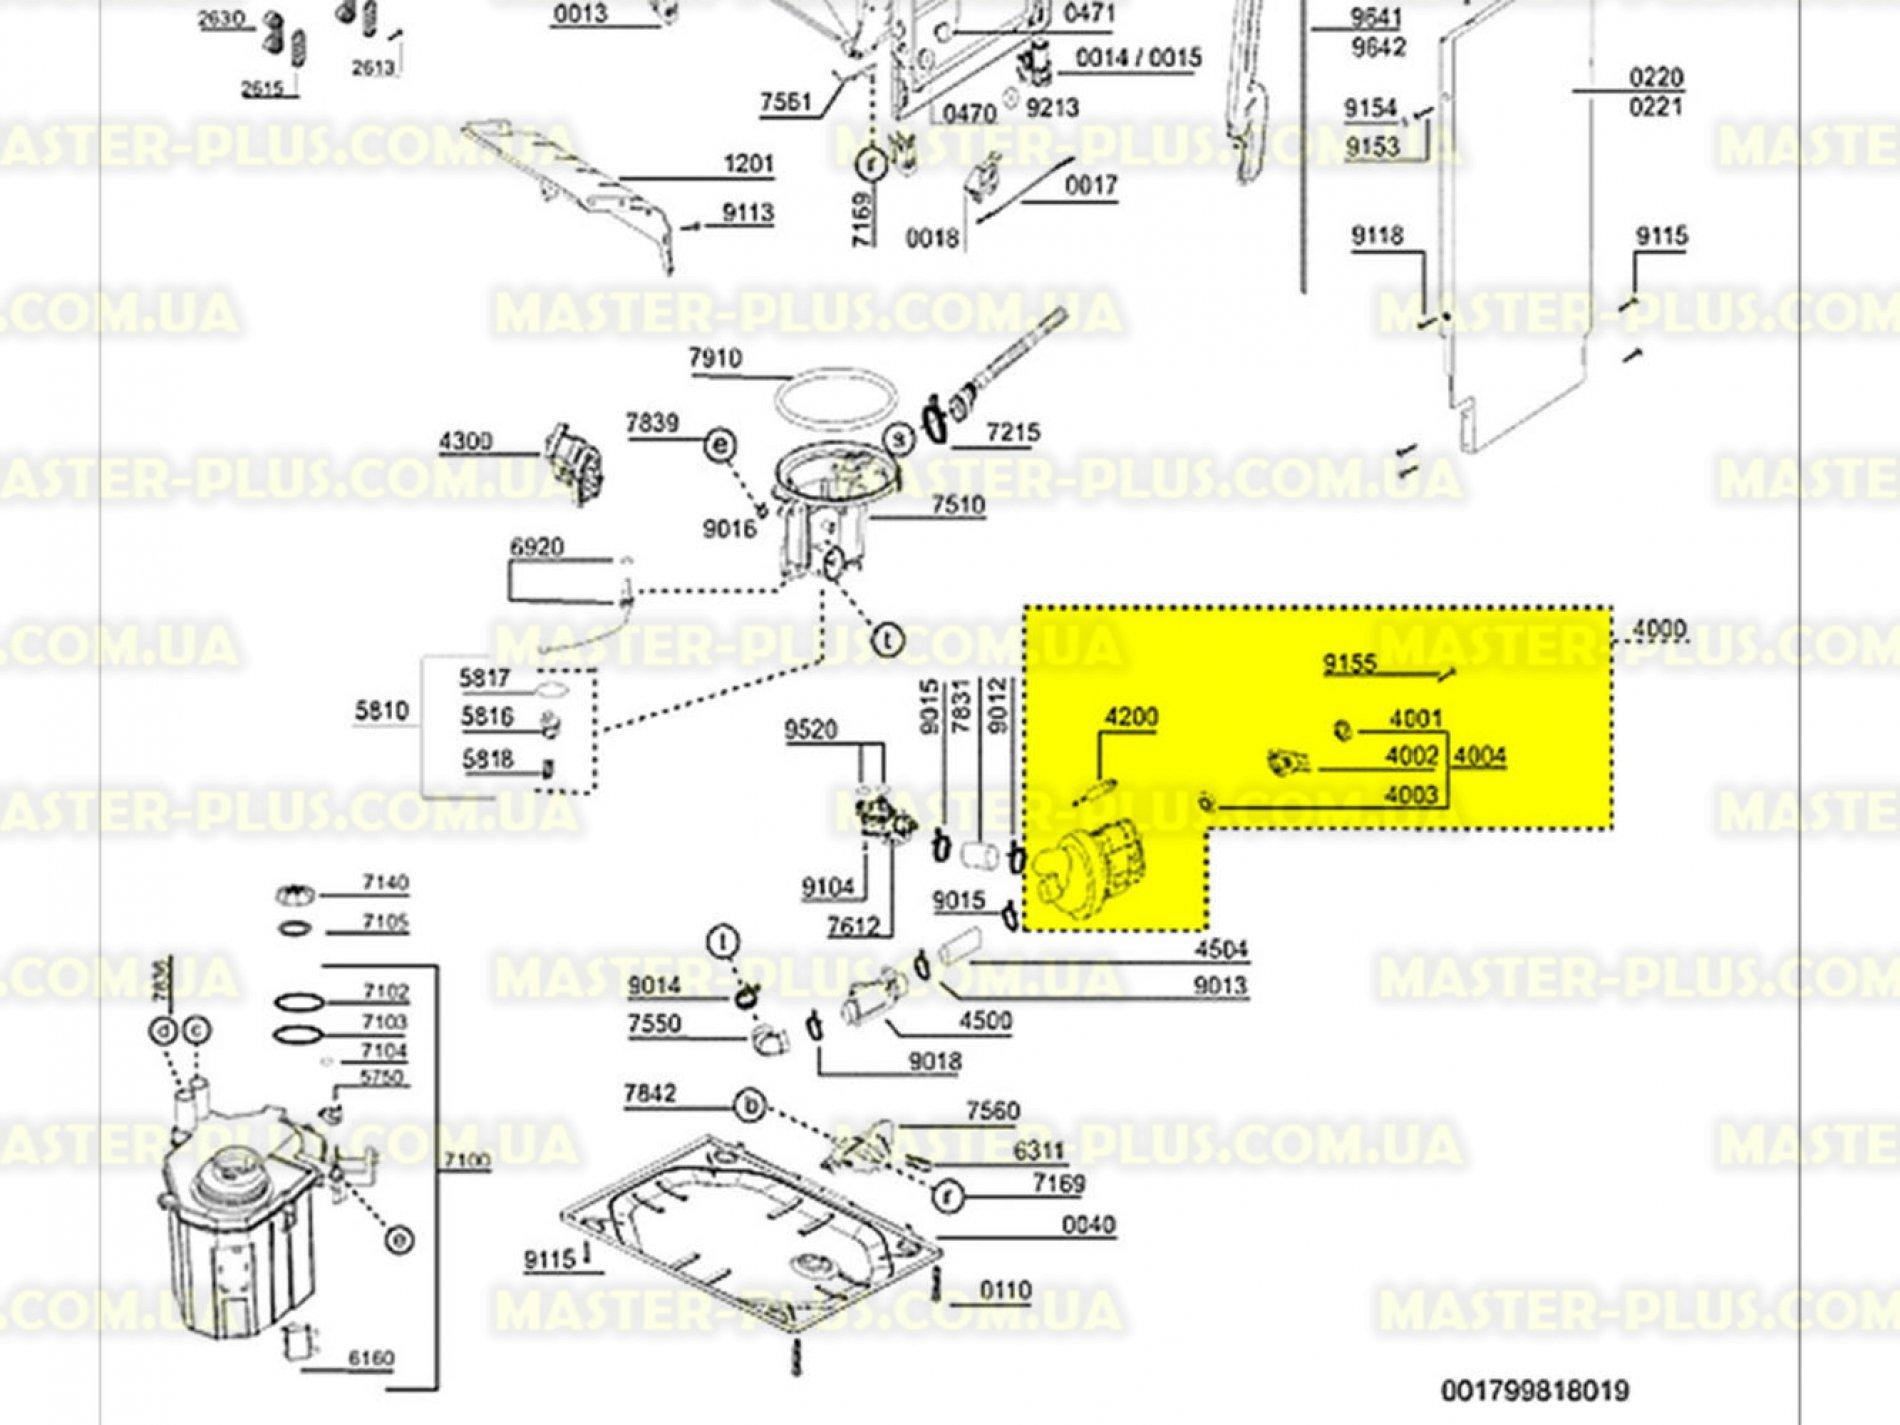 посудомойка вирпул adp 550 инструкция